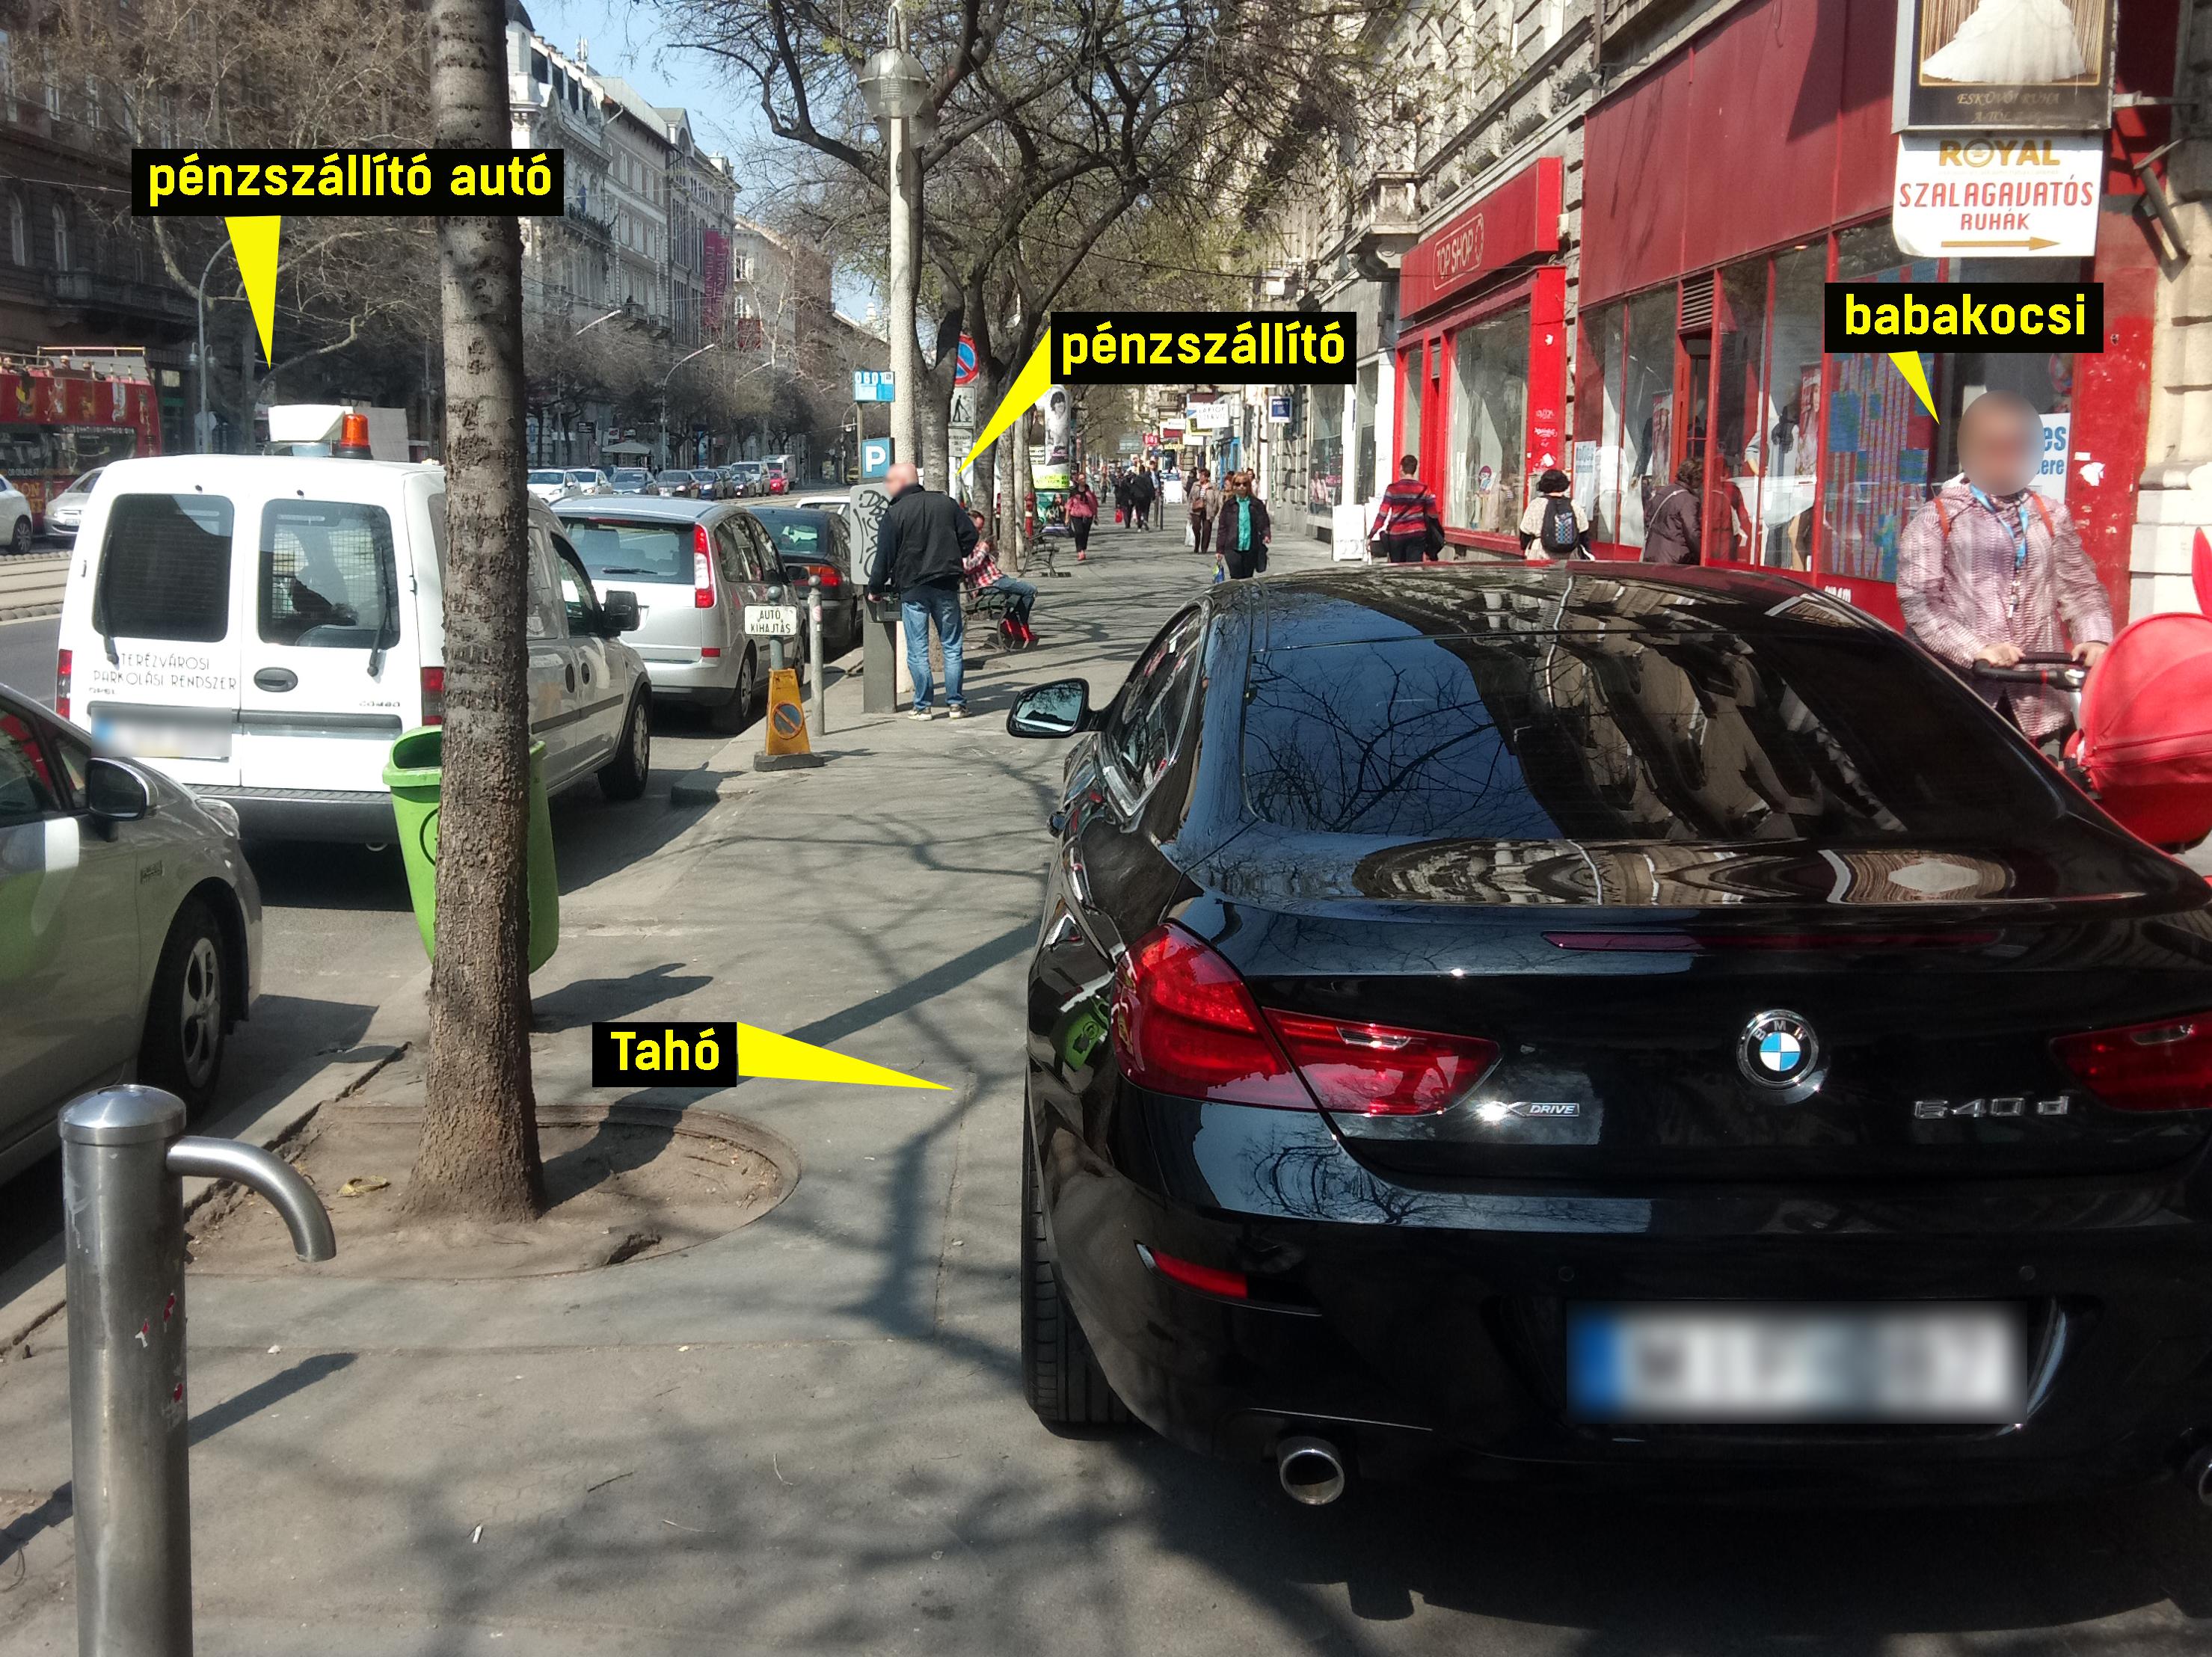 Egyetlen képen a teljes budapesti parkolási nyomor